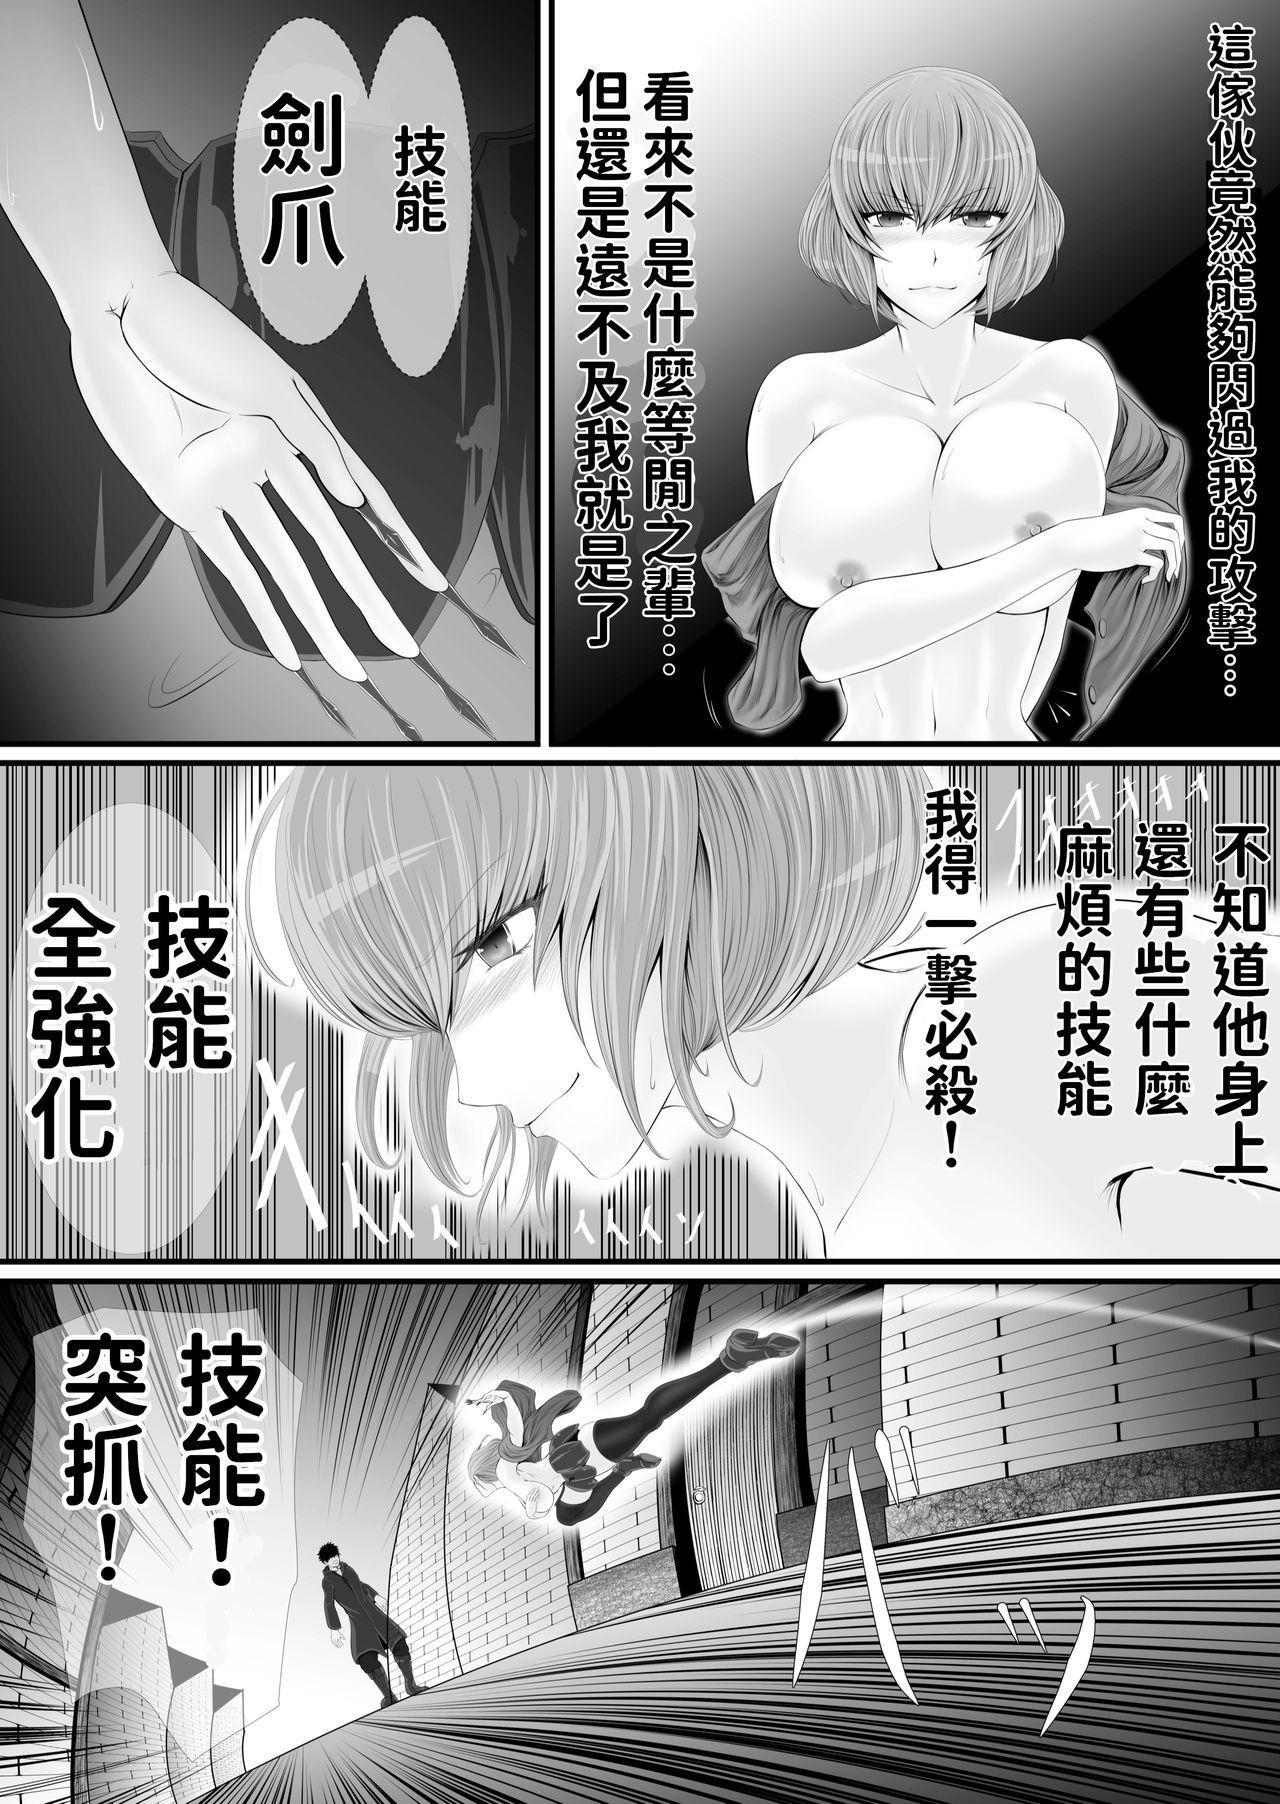 Isekai de nara Warui Onna wa Han Shihoudai nano Kamoshirenai 13